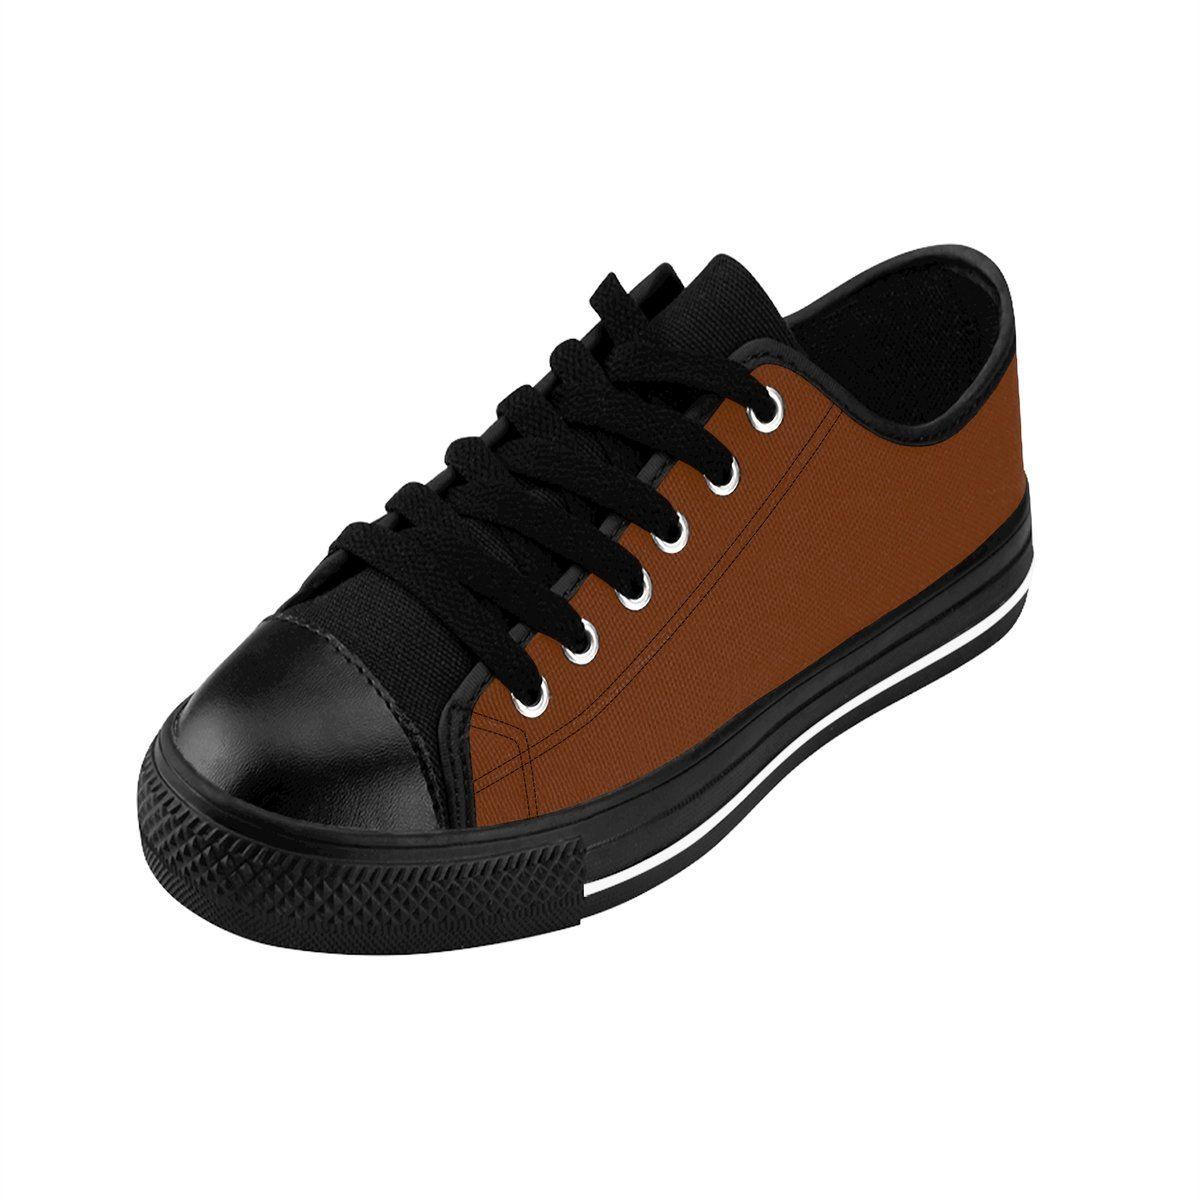 b284ac6d32b5 Sanyo Caramel Brown Solid Color Designer Low Top Women s Sneakers –  heidikimurart